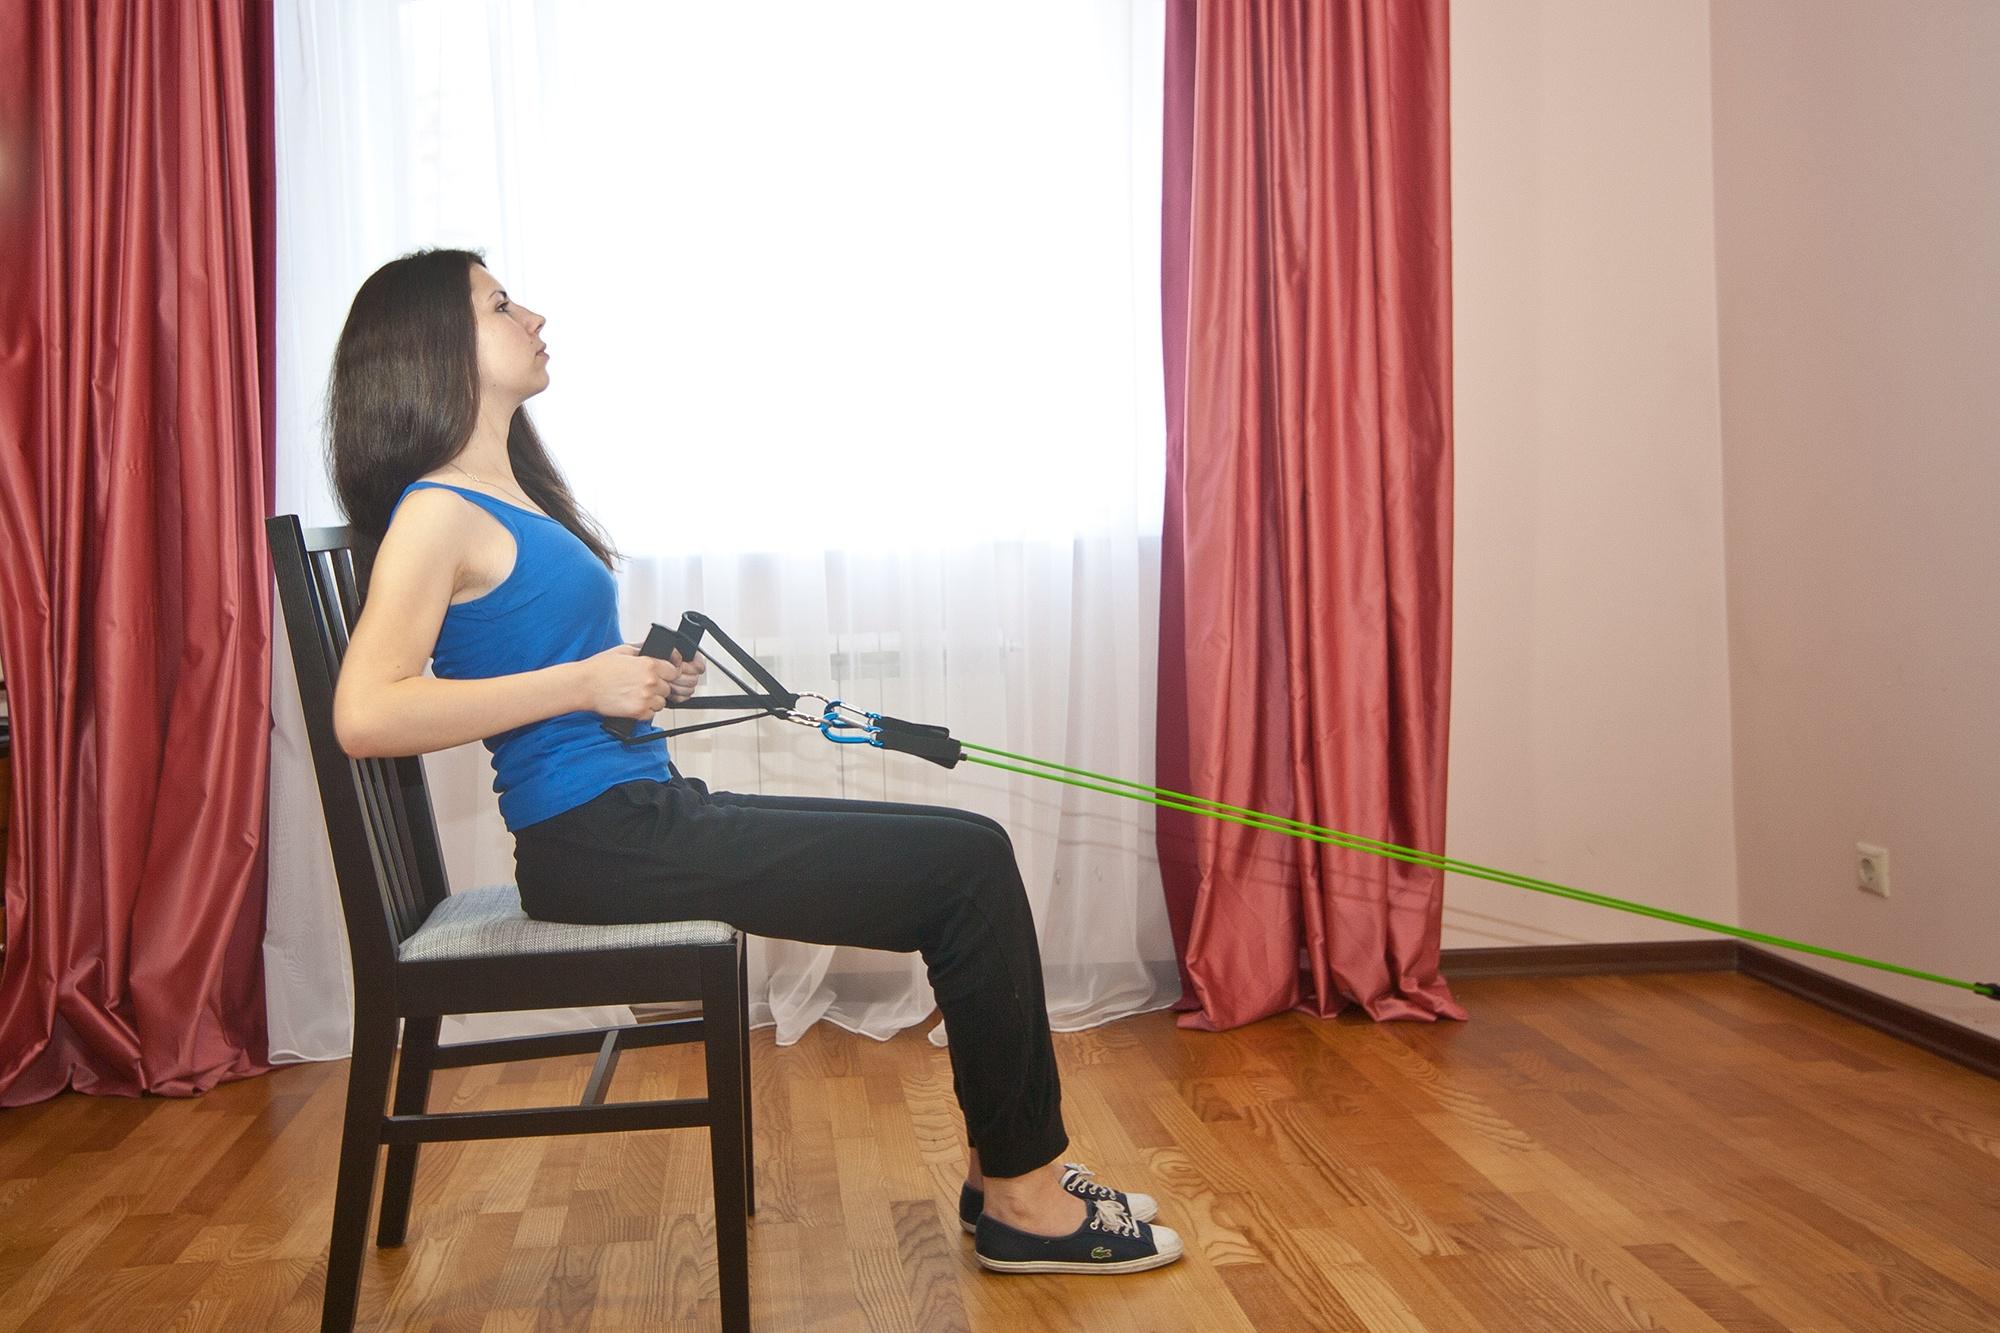 Упражнение с эспандером для мышц спины и груди. Тяга эспандера из положения сидя на стуле. Широчайшие мышцы спины (нижняя часть).